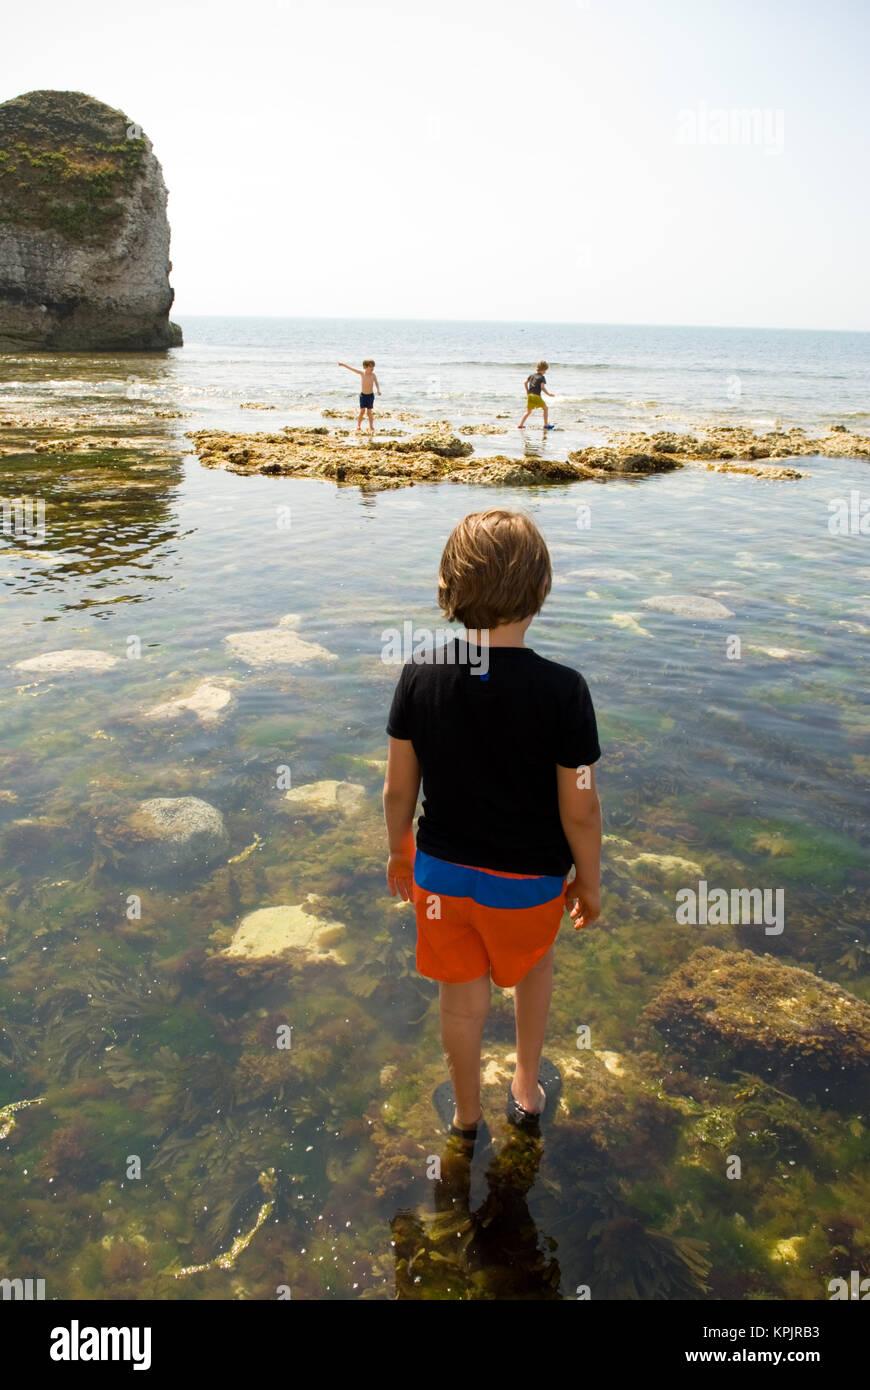 Ein älterer Bruder Uhren seine beiden jüngeren Geschwister über Felsen kriechen, um eine Vielzahl Stockbild